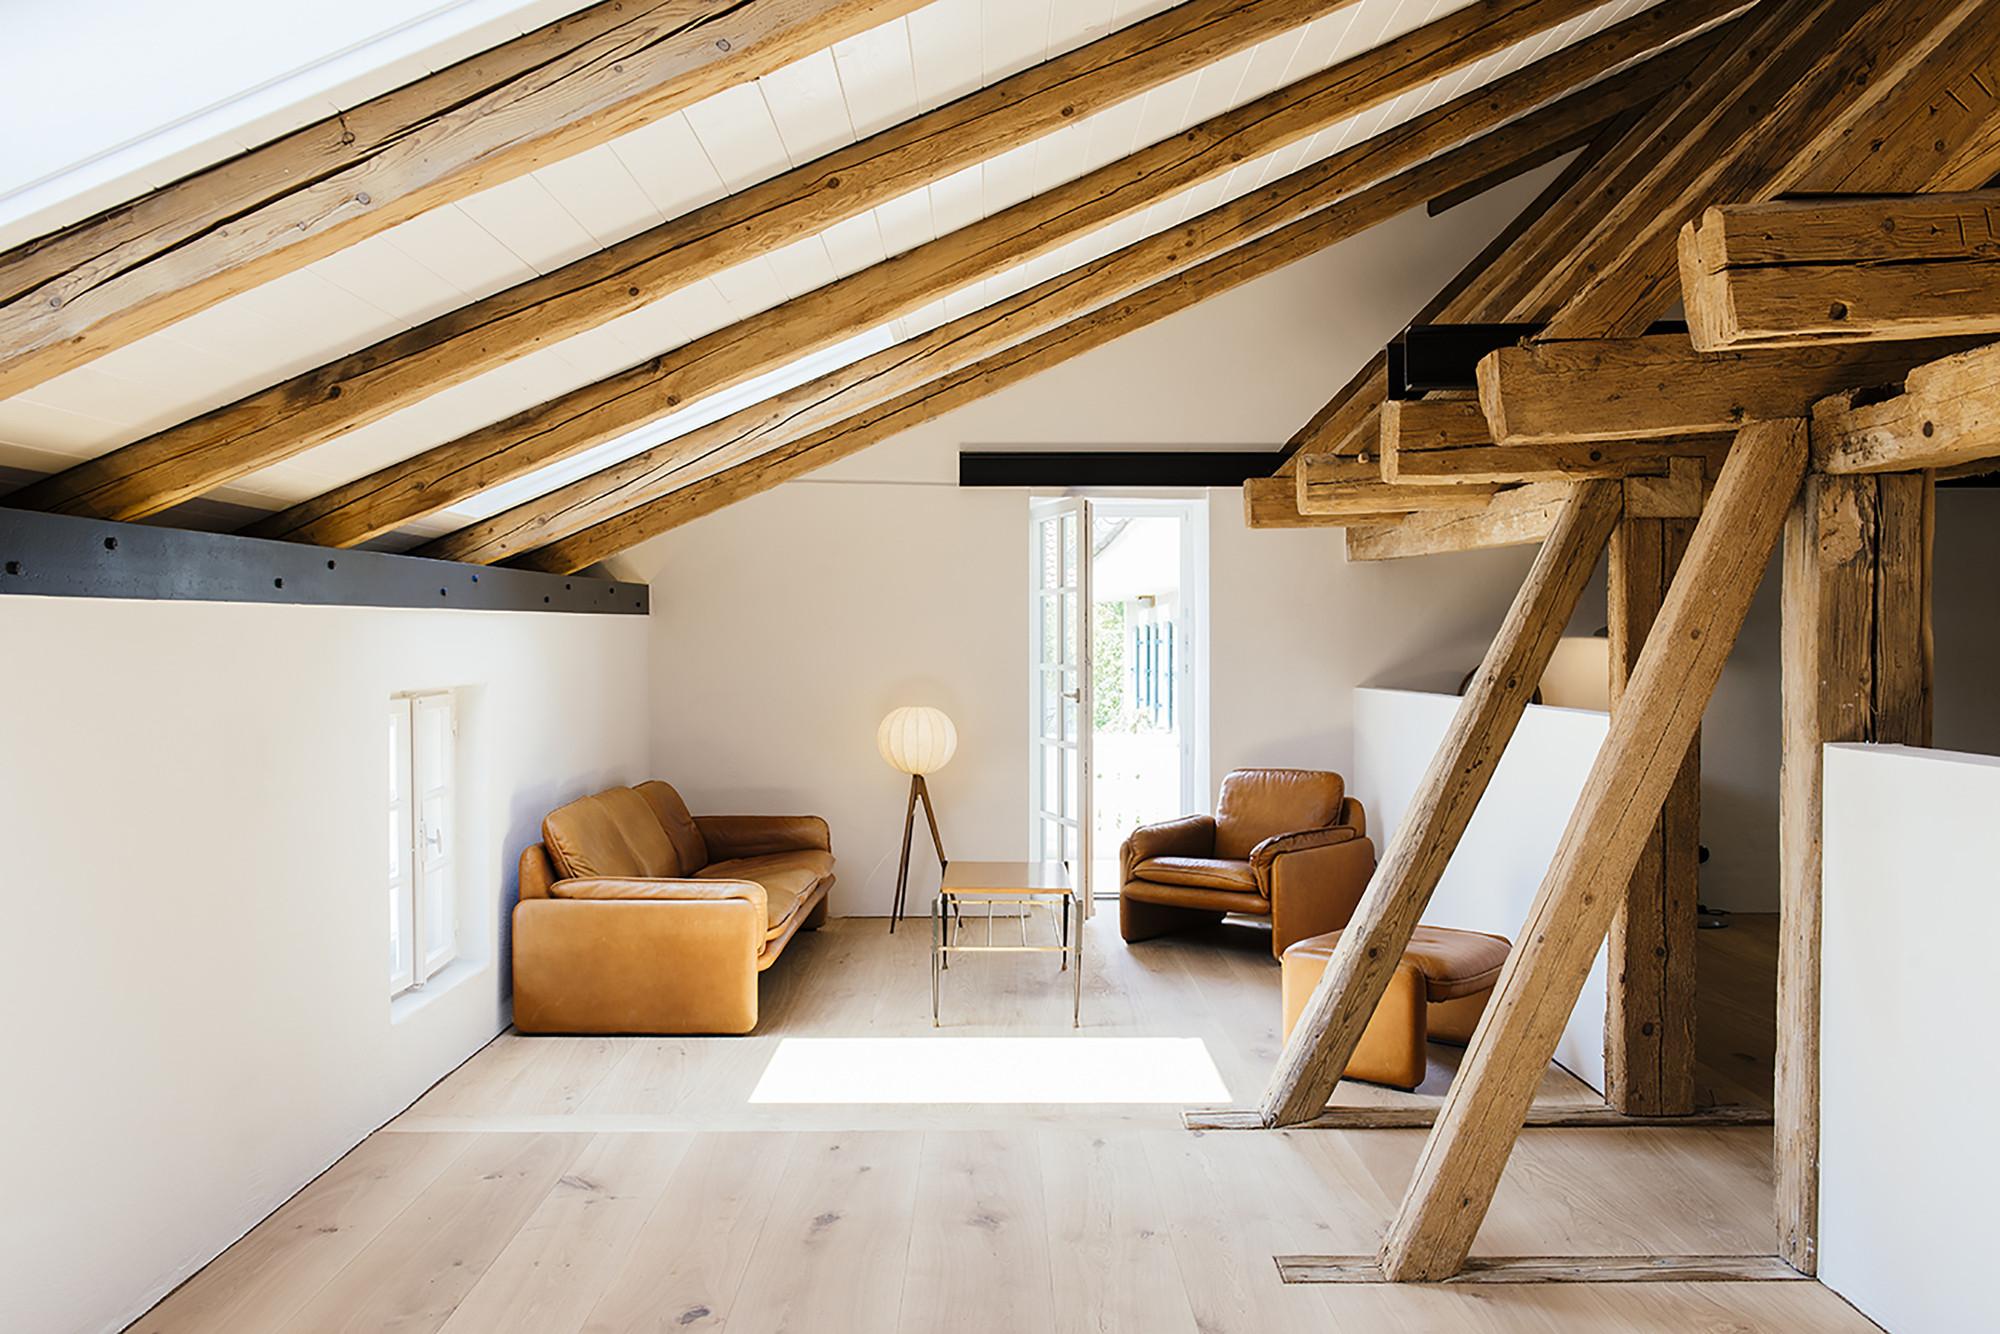 Una ristrutturazione che fonde vecchio e nuovo - Quanto costa un architetto per ristrutturare casa ...